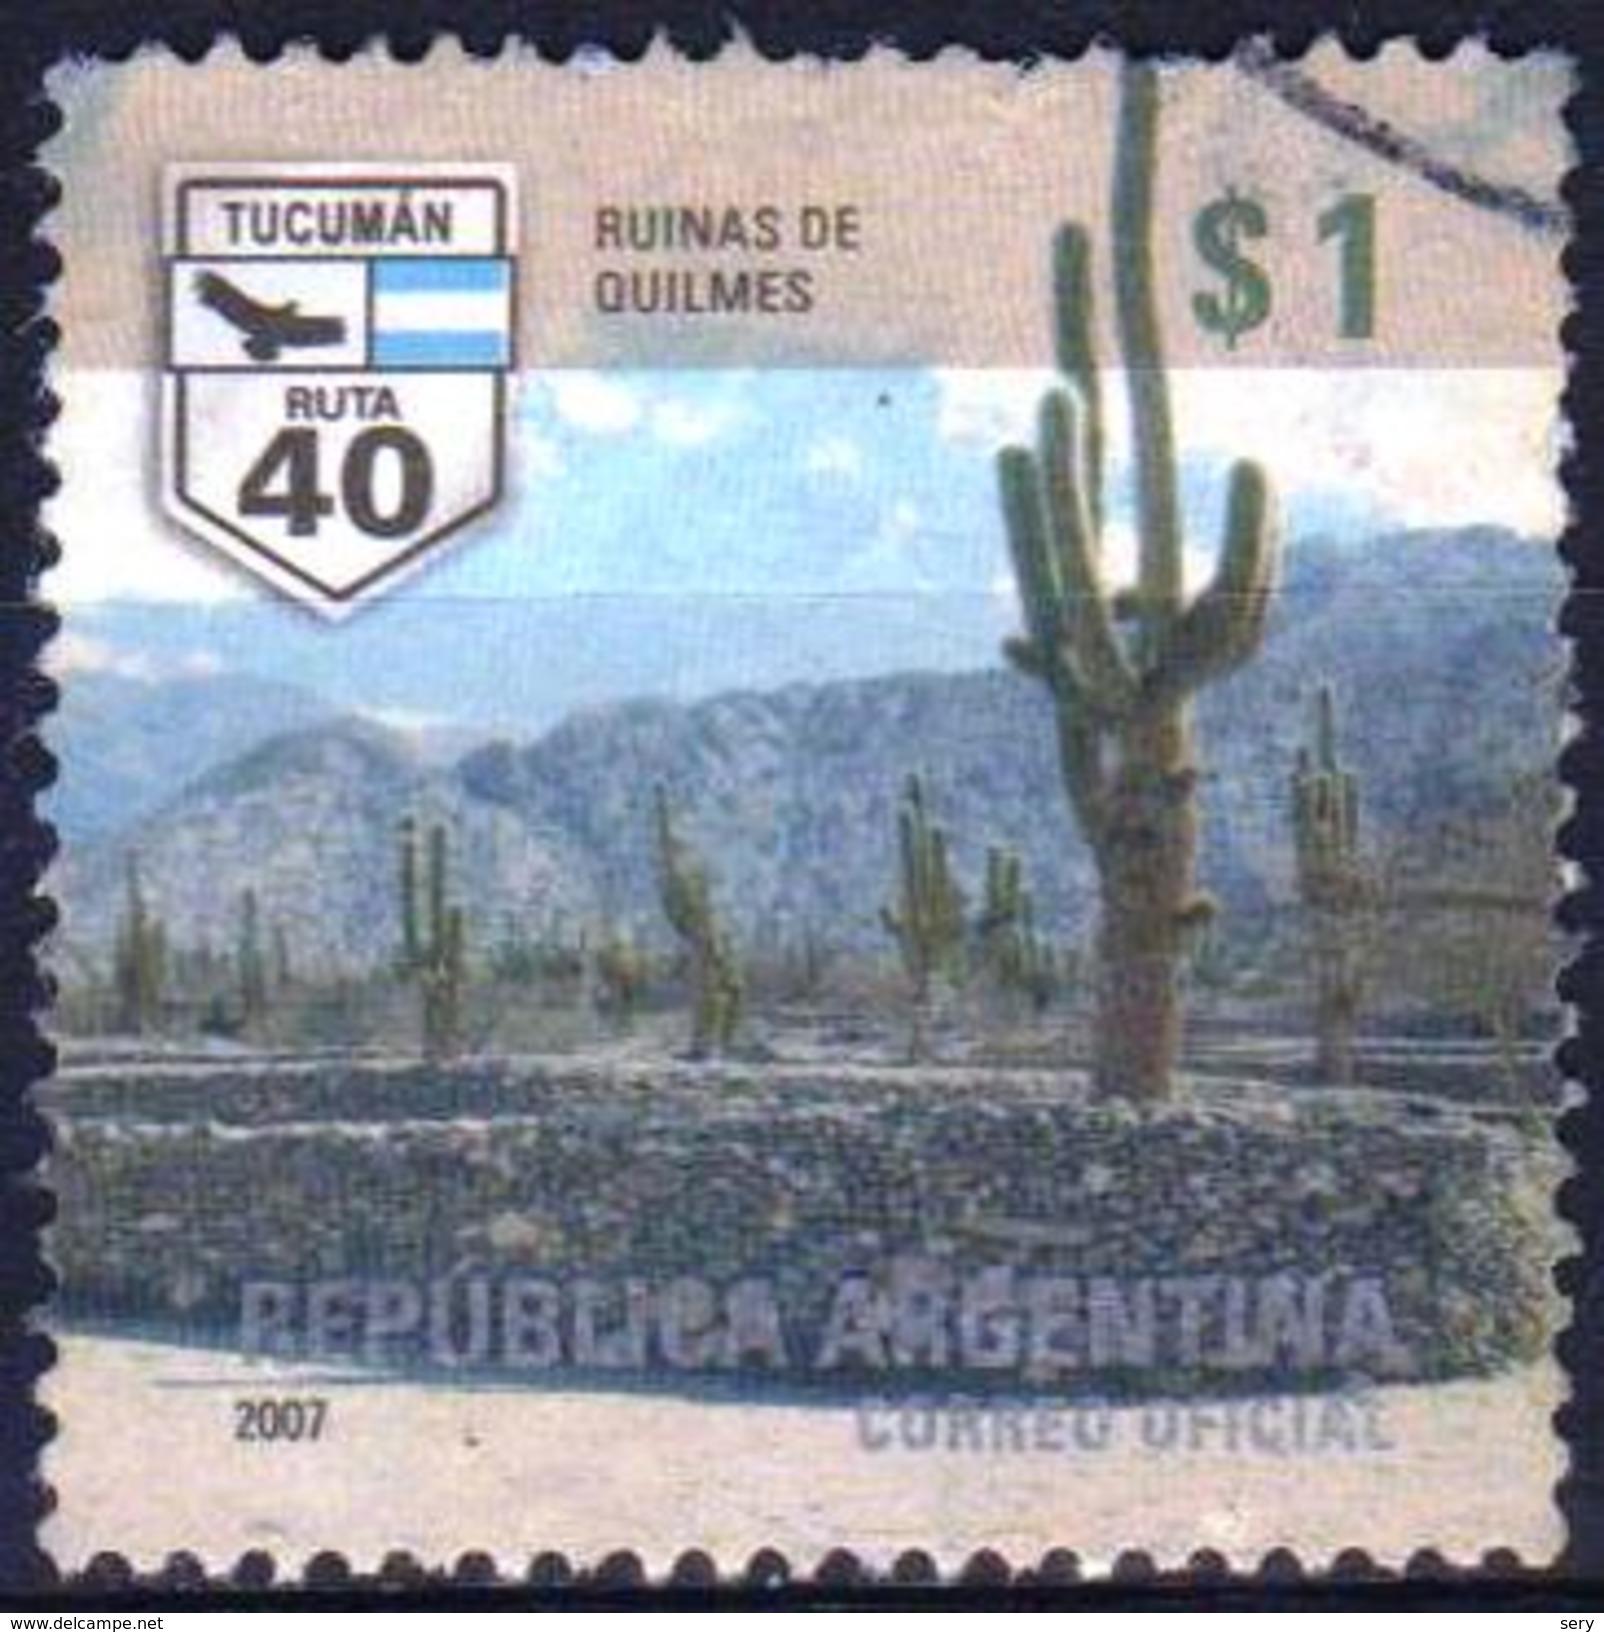 ARGENTINA 2007 1 V   Used  Cactus - Cactus